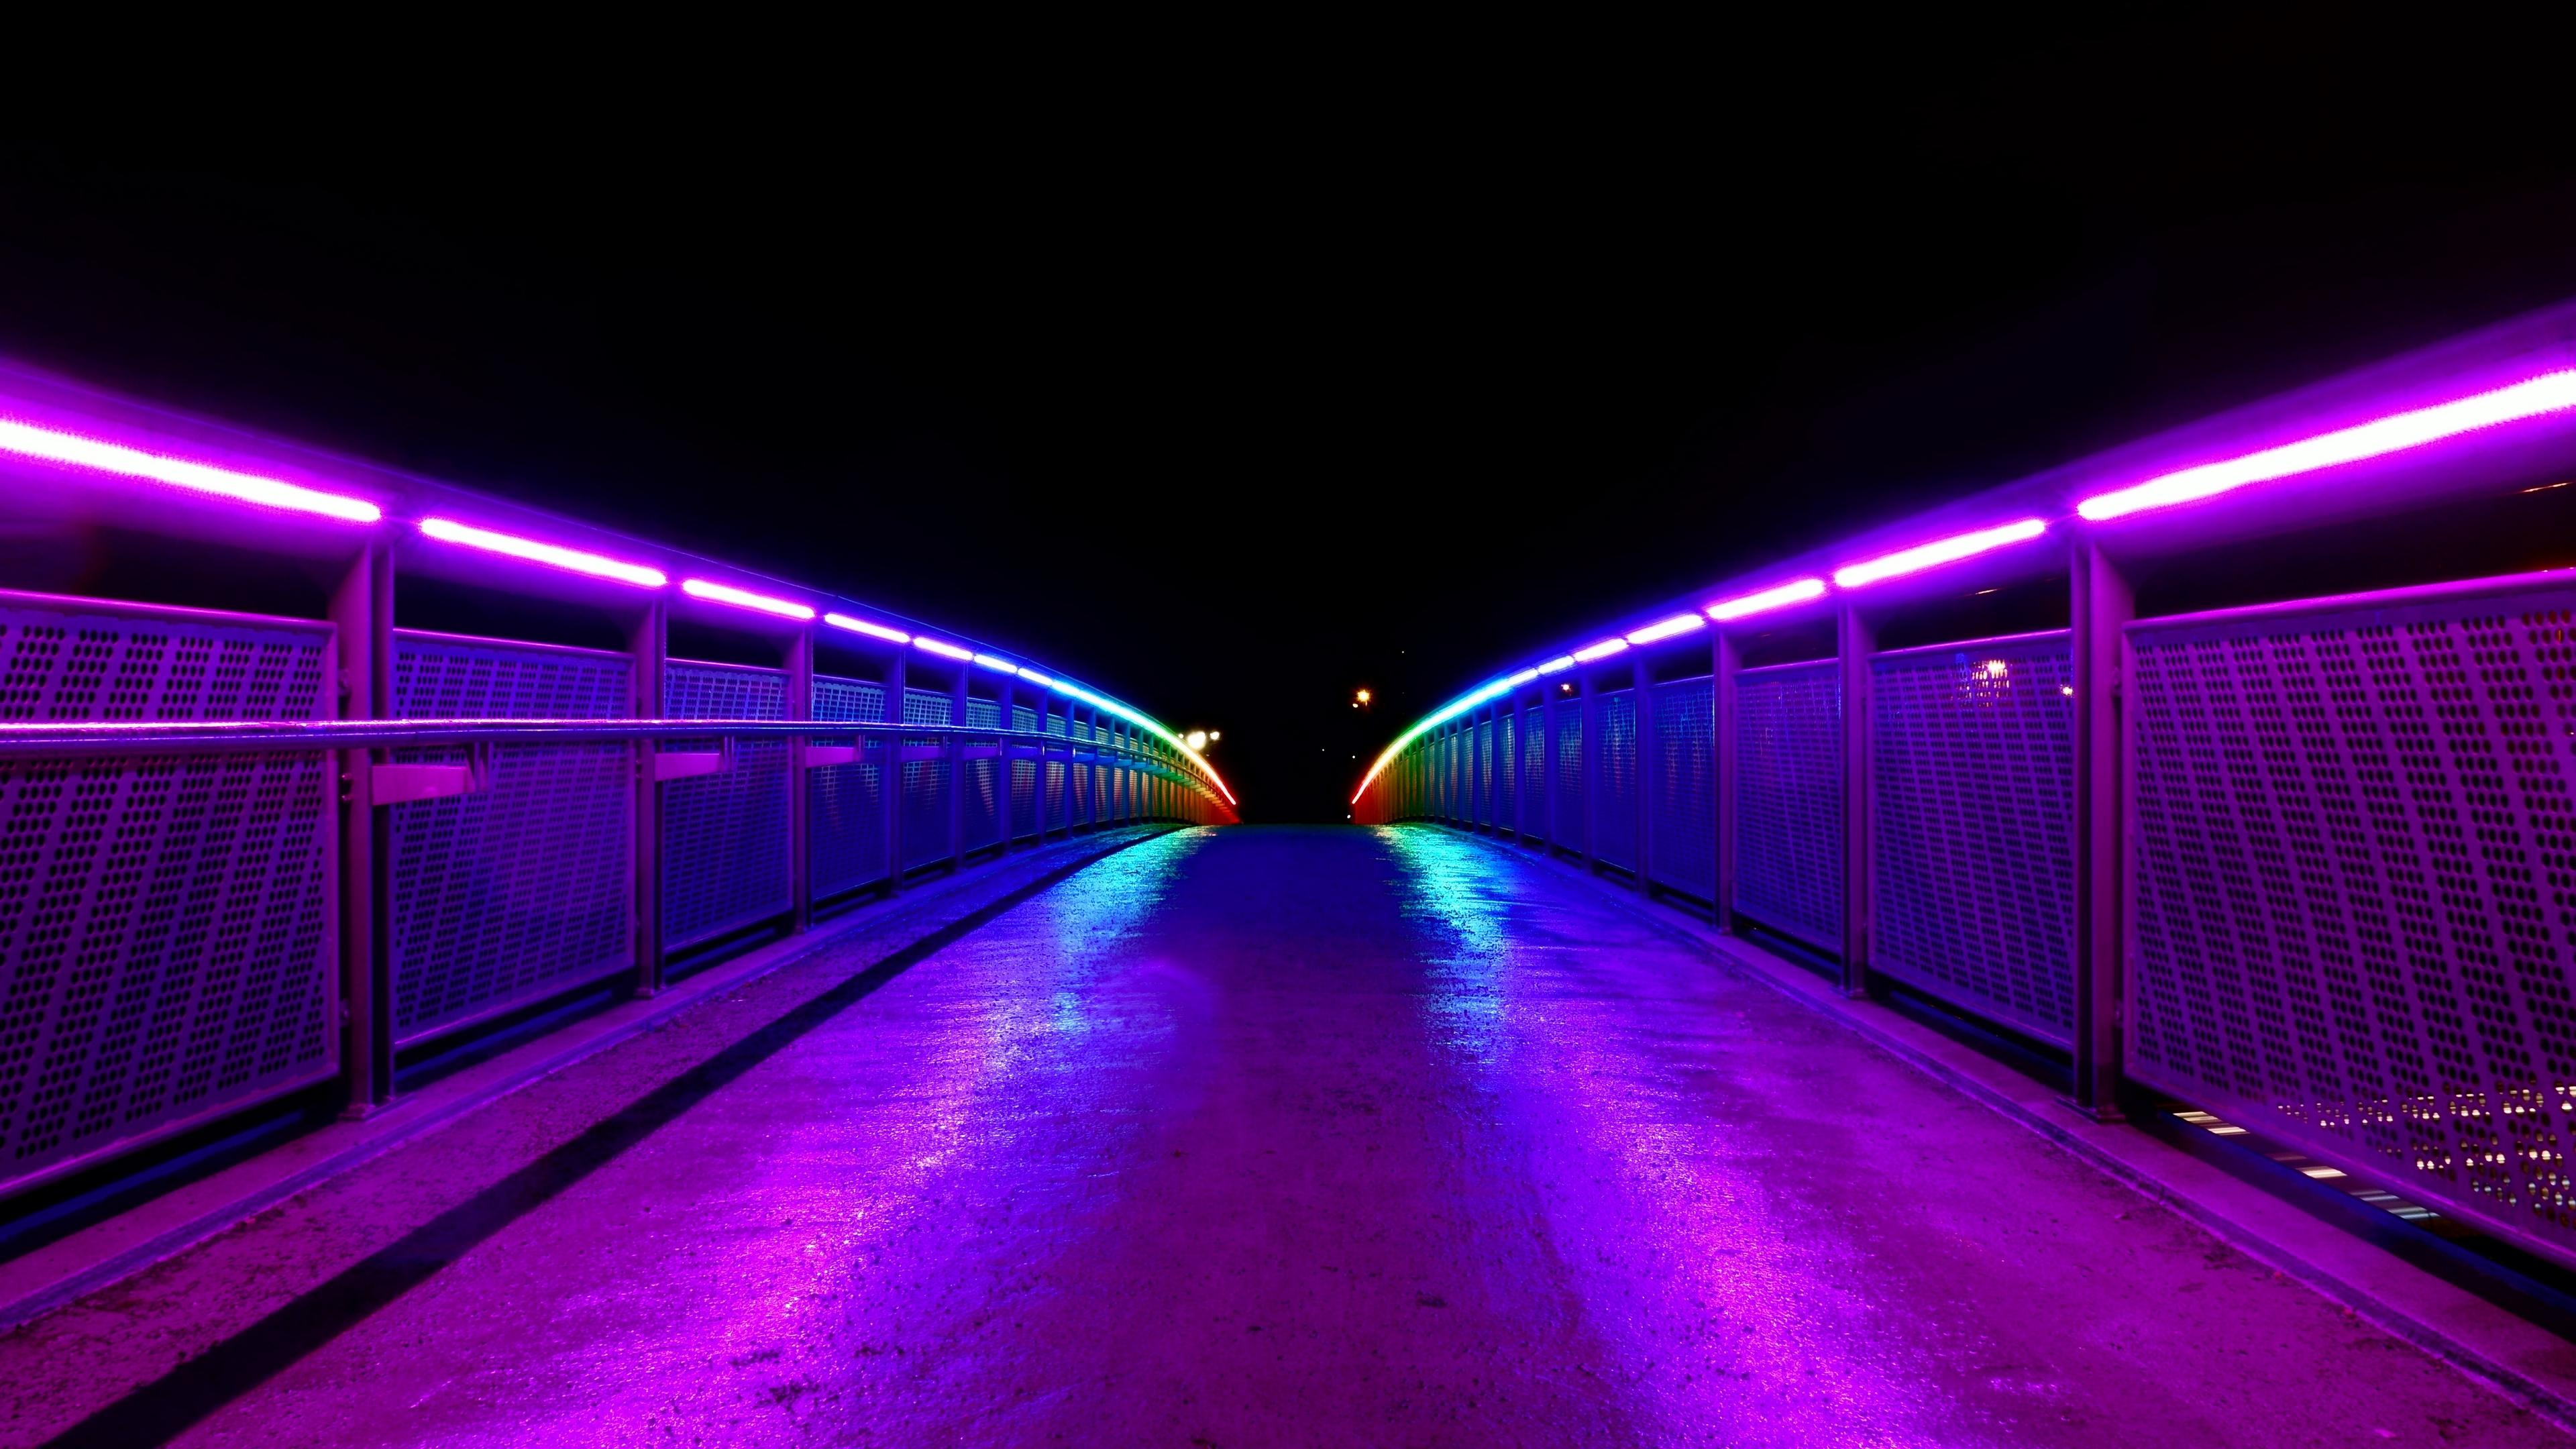 bridge lights railings road 4k 1538068188 - bridge, lights, railings, road 4k - railings, Lights, bridge